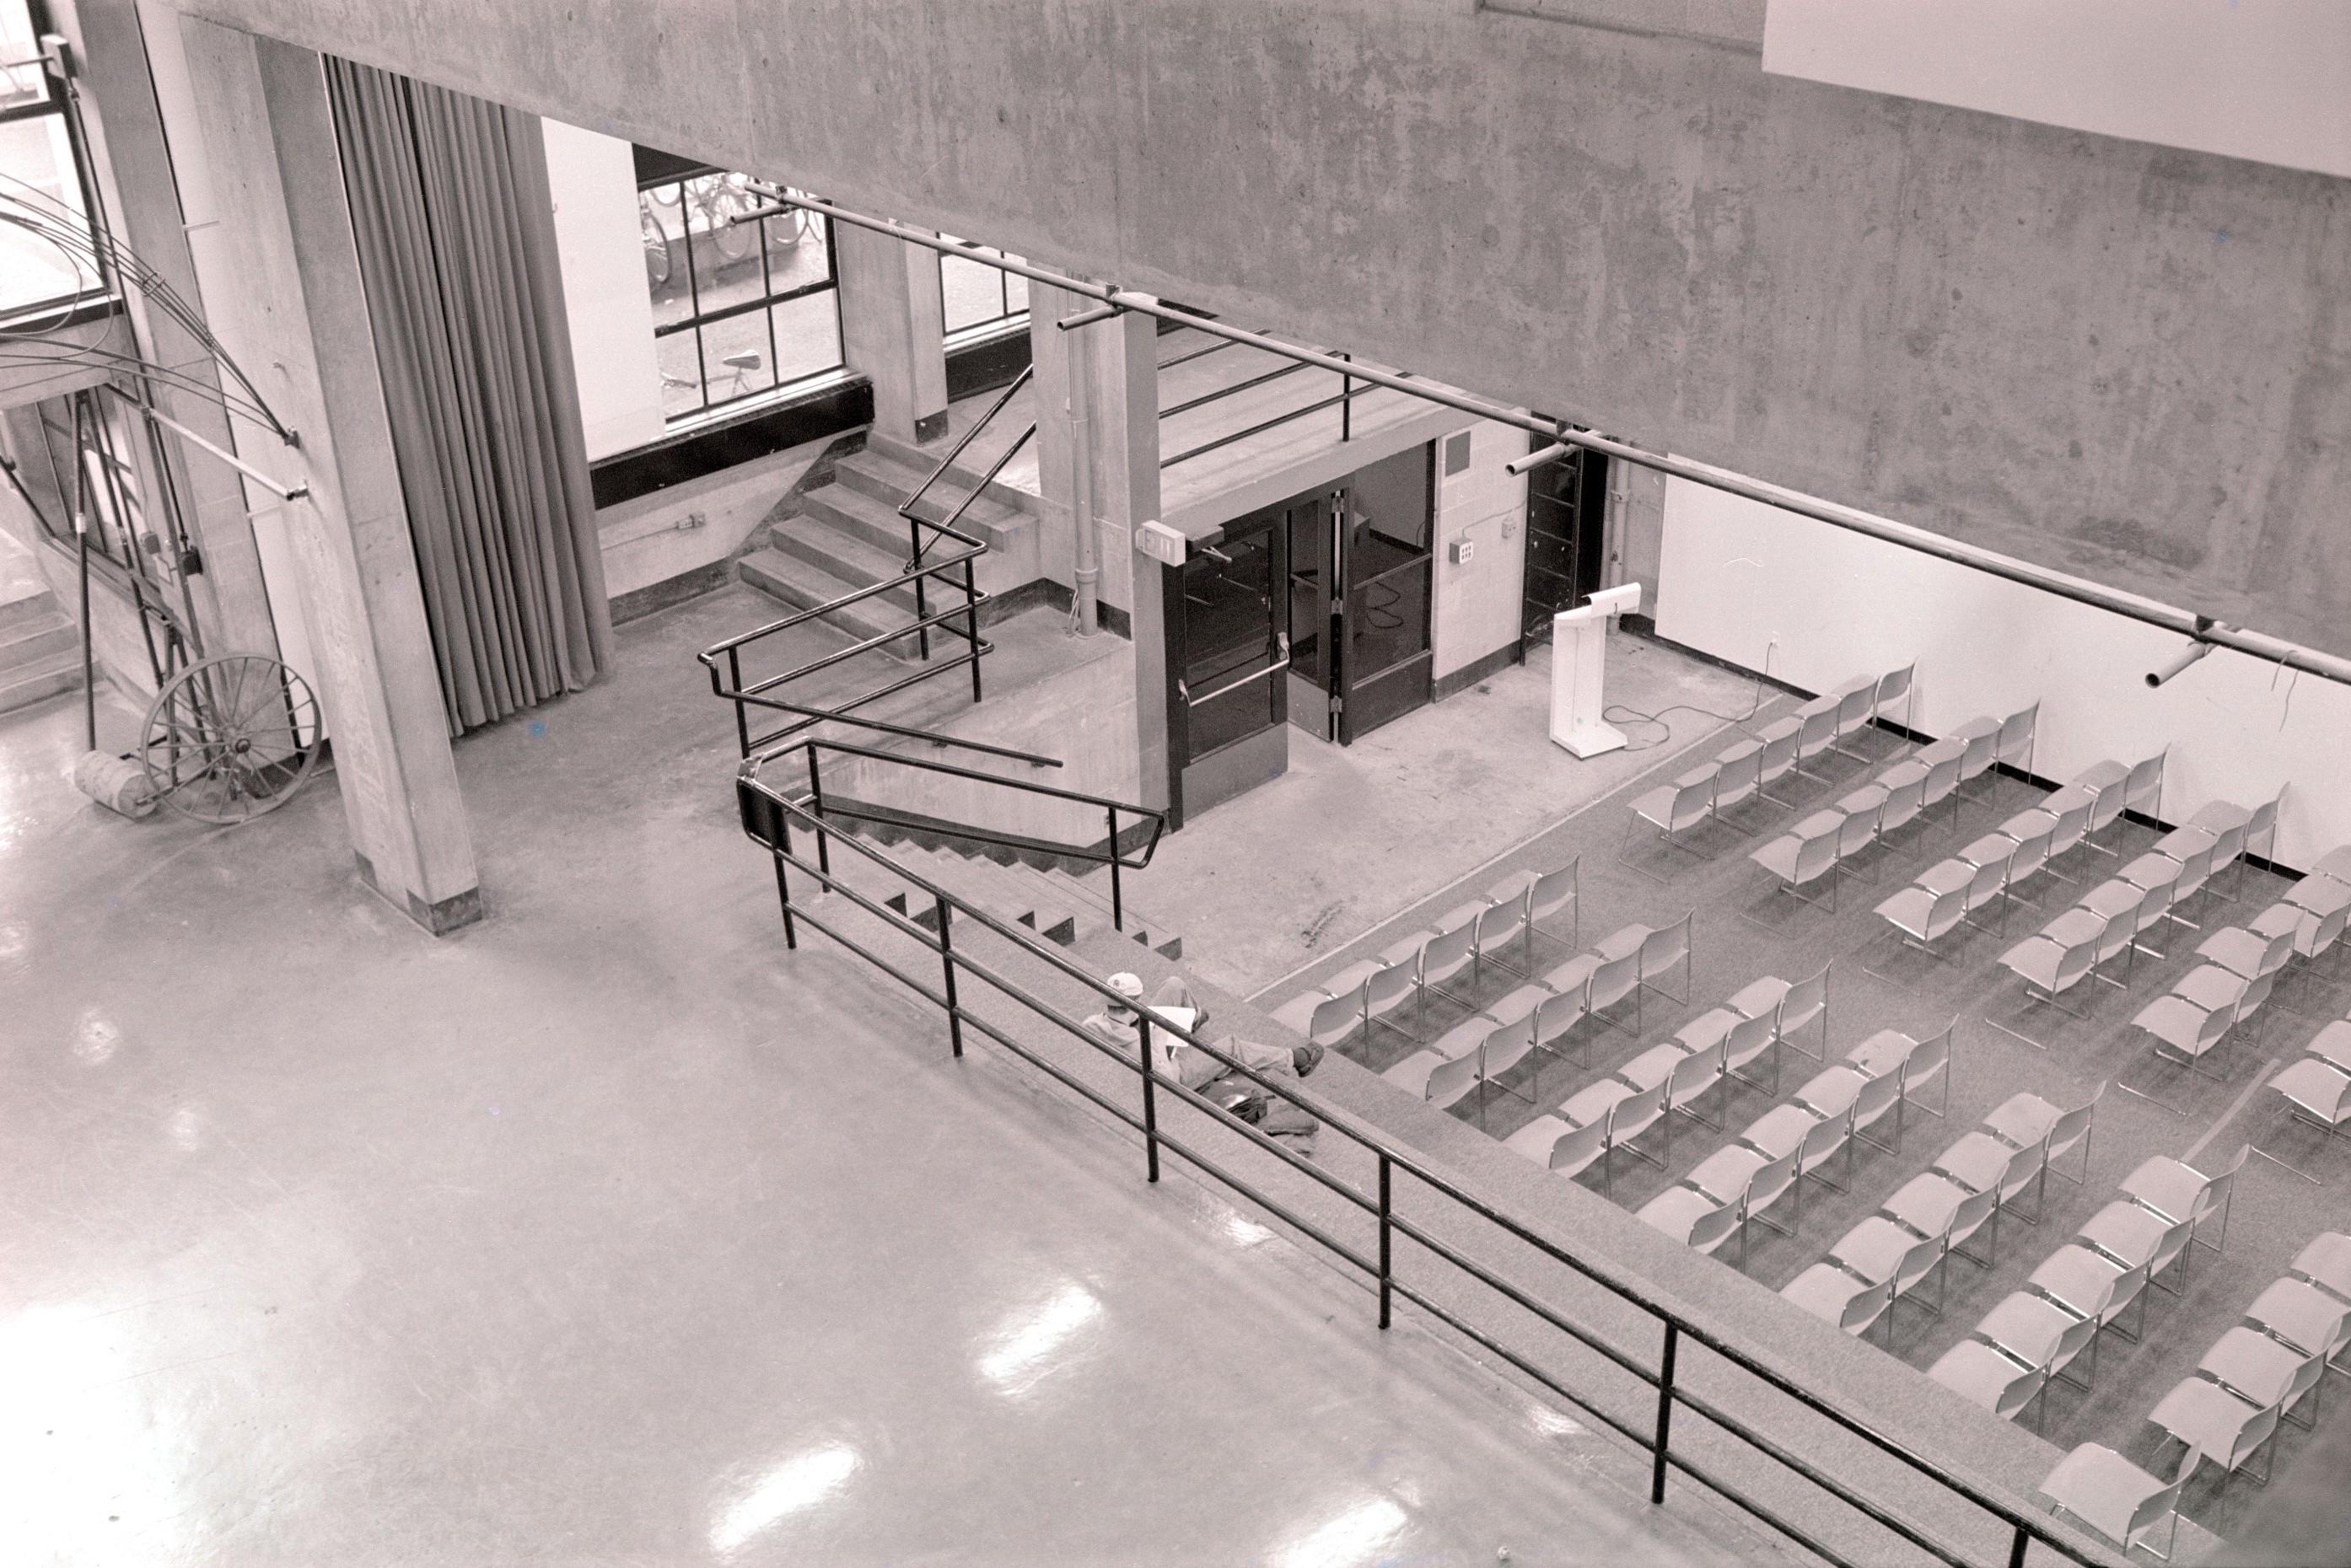 School interiors mid-90s-0011